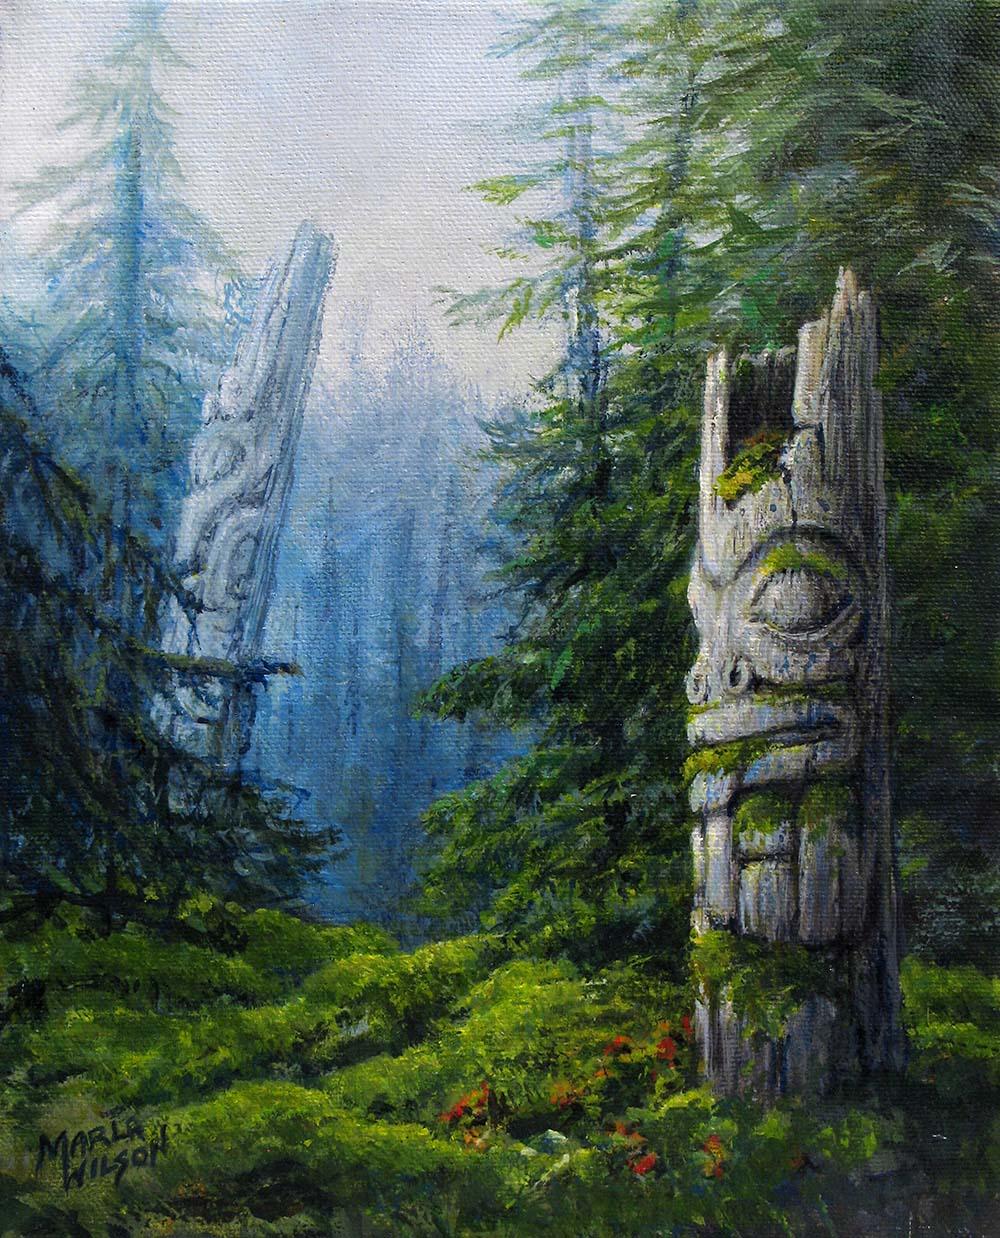 Haida - Marla Wilson